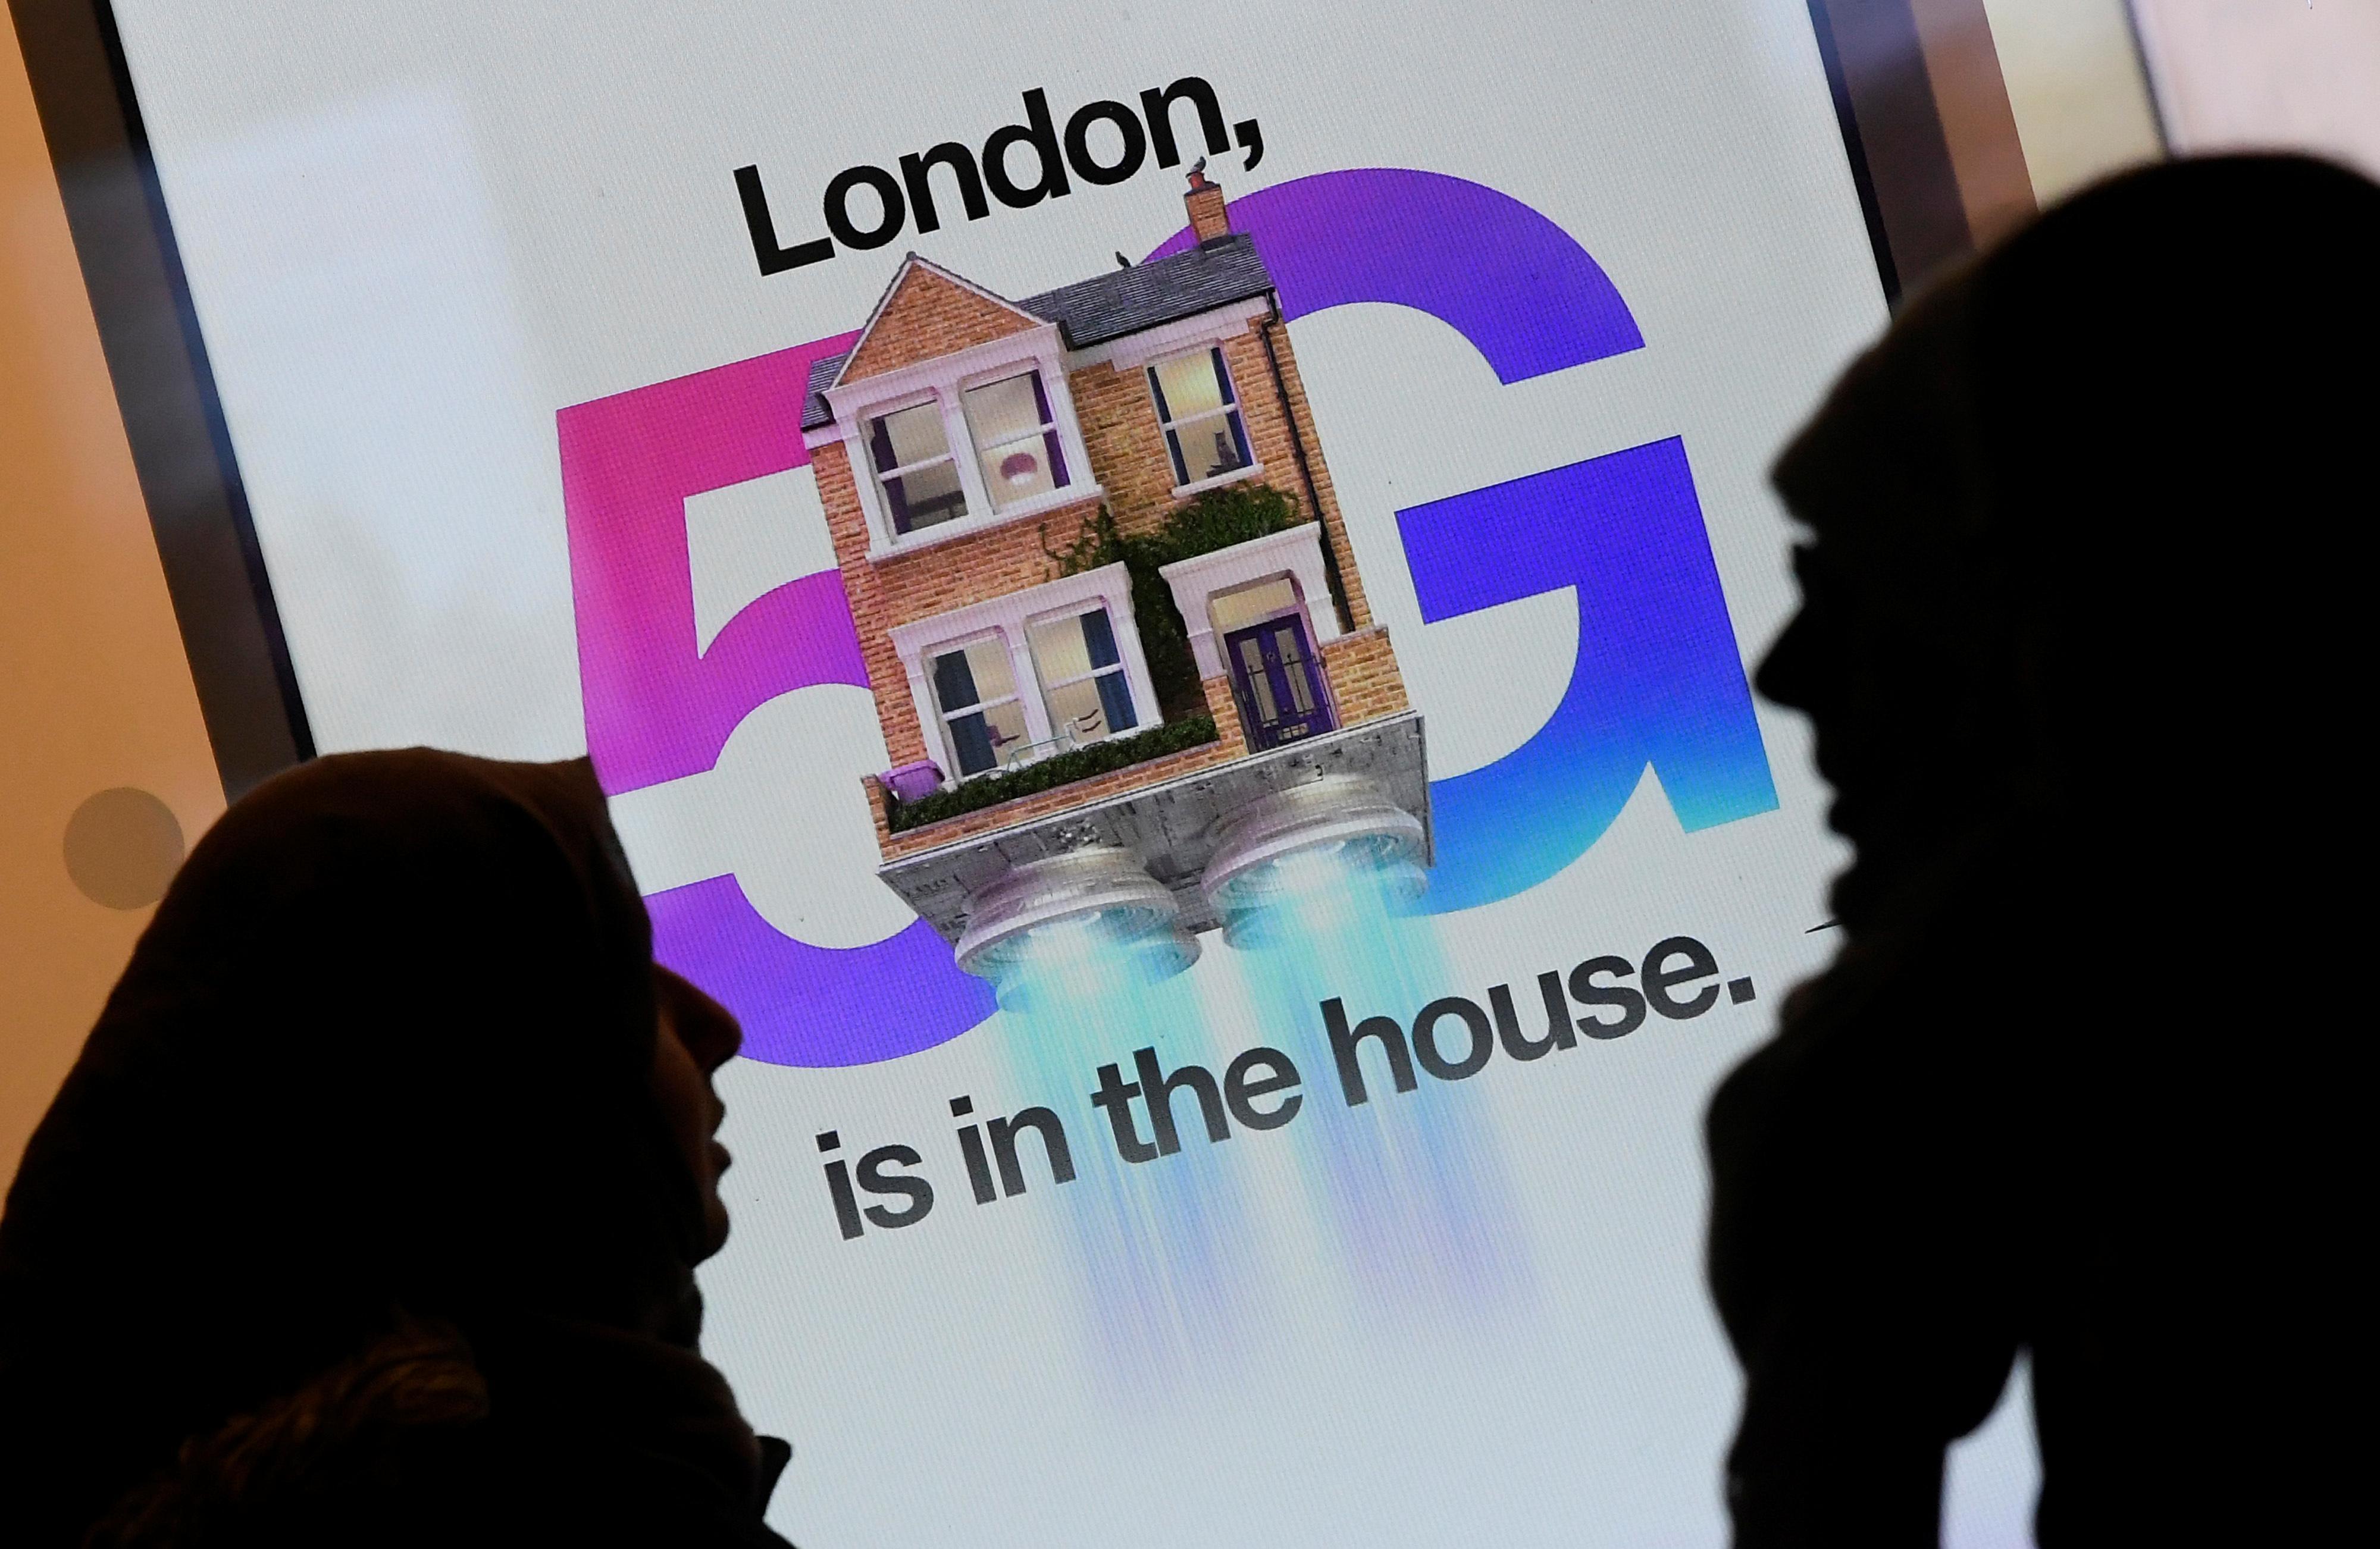 5G coronavirus conspiracy theory is dangerous fake nonsense, UK says